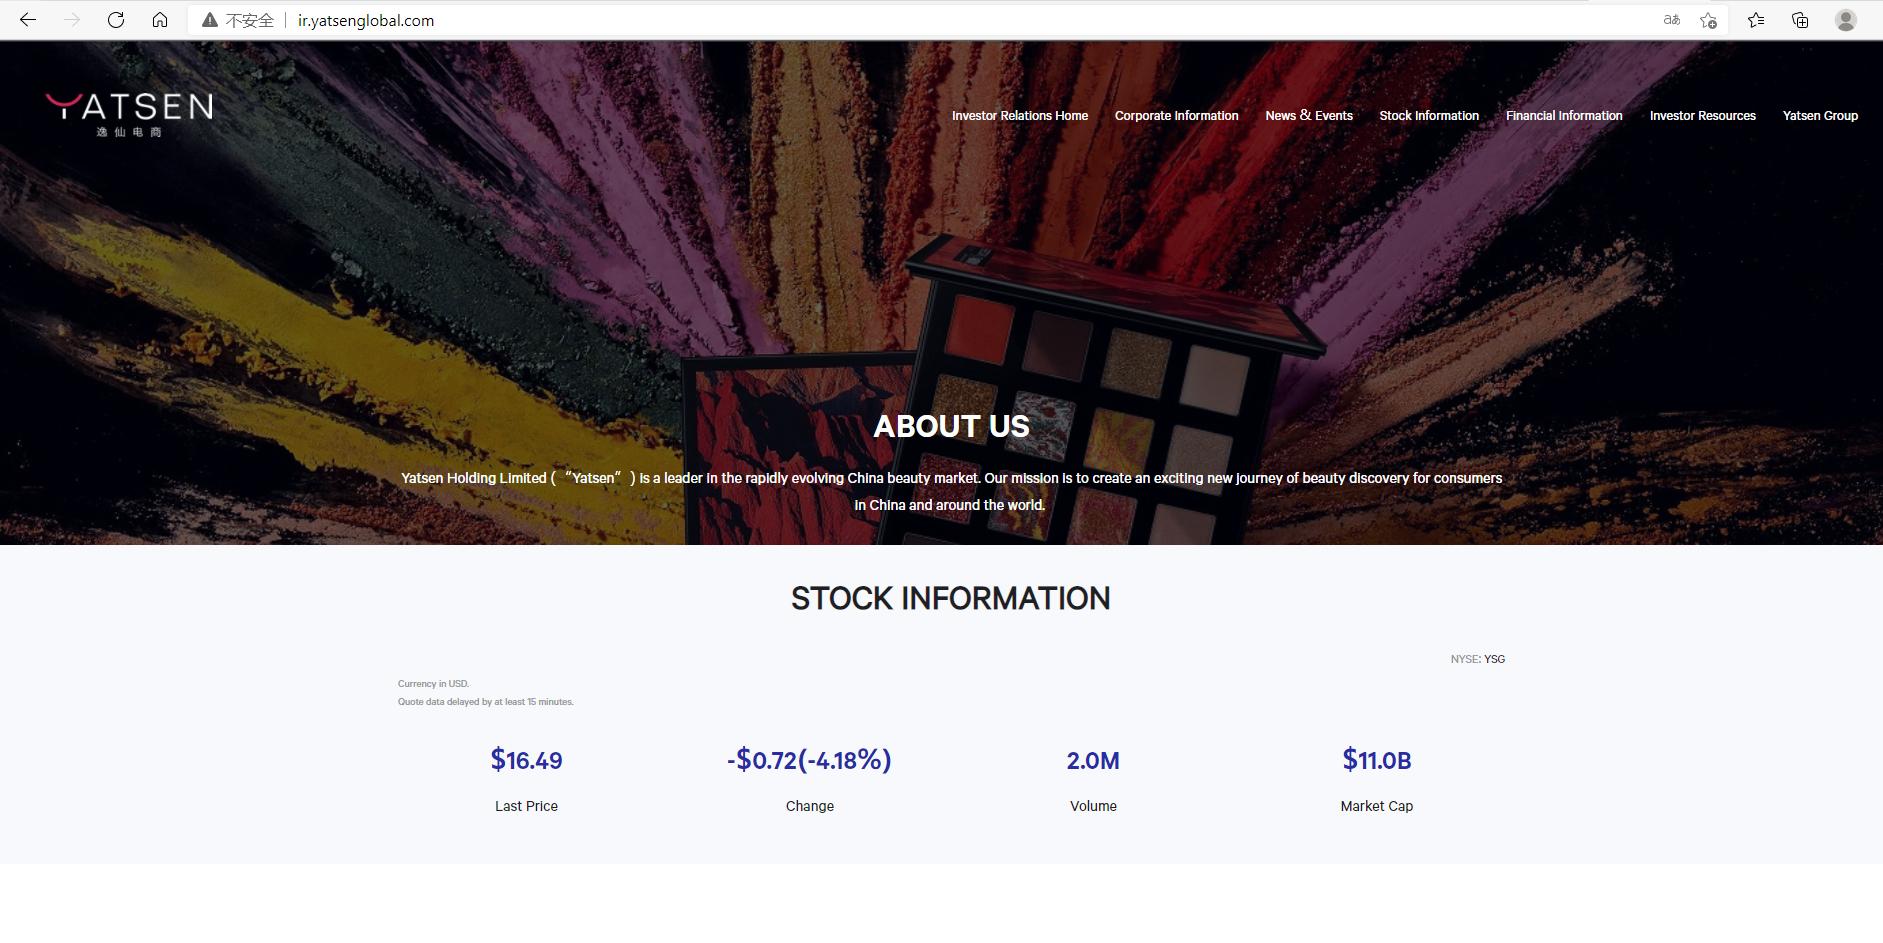 犀牛云:完美日记网站设计鉴赏,打造品牌质感的网站!